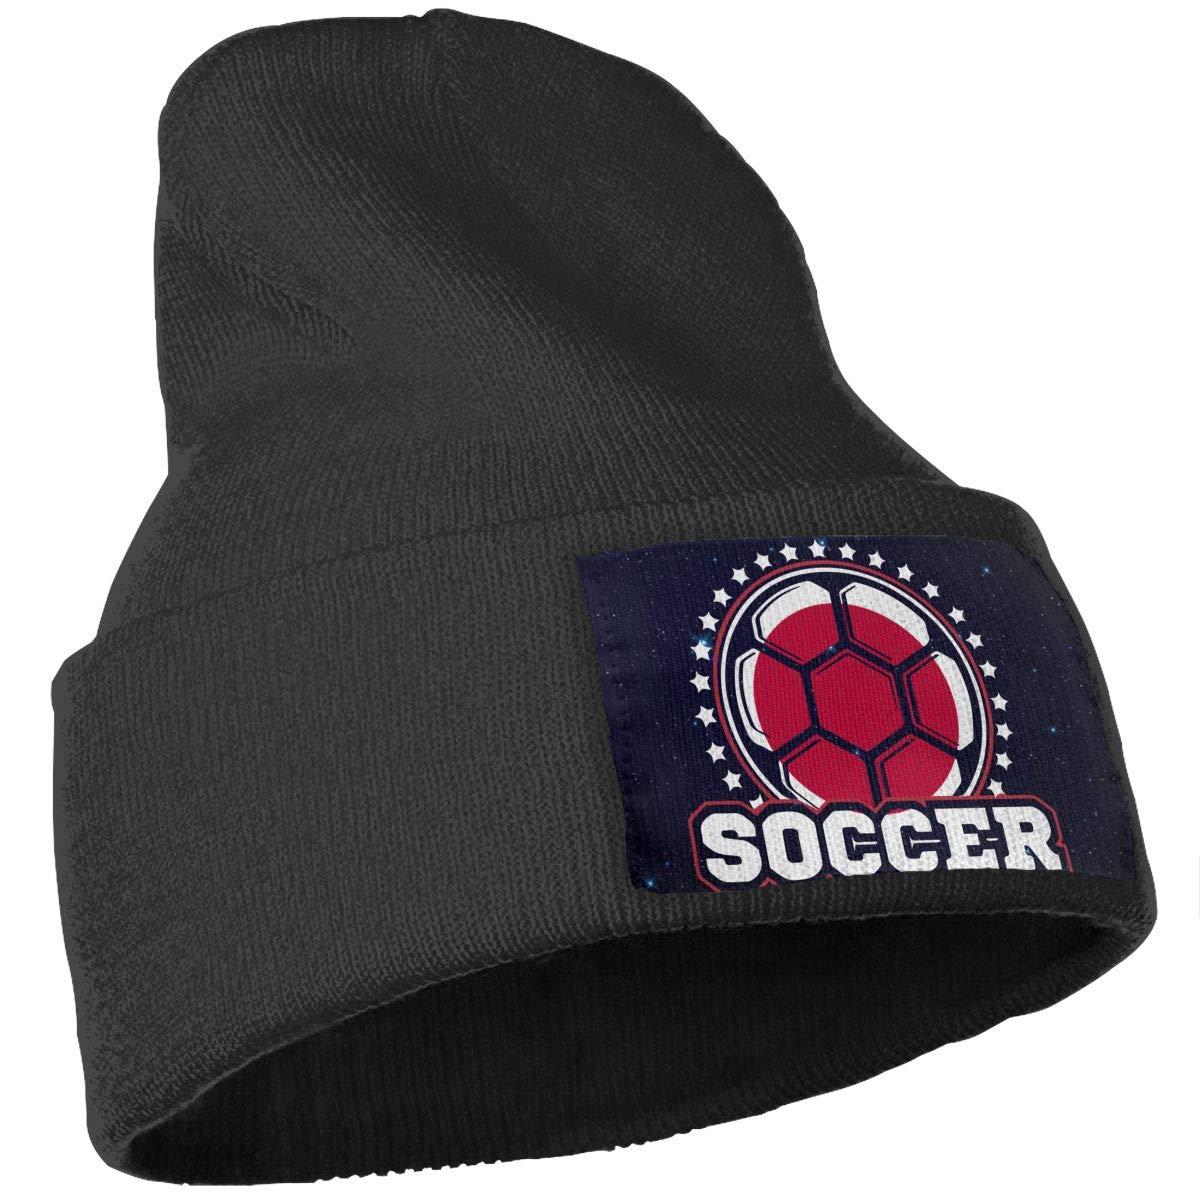 Japan Flag Soccer Player Skull Cap Men Women Knitting Hats Stretchy /& Soft Beanie